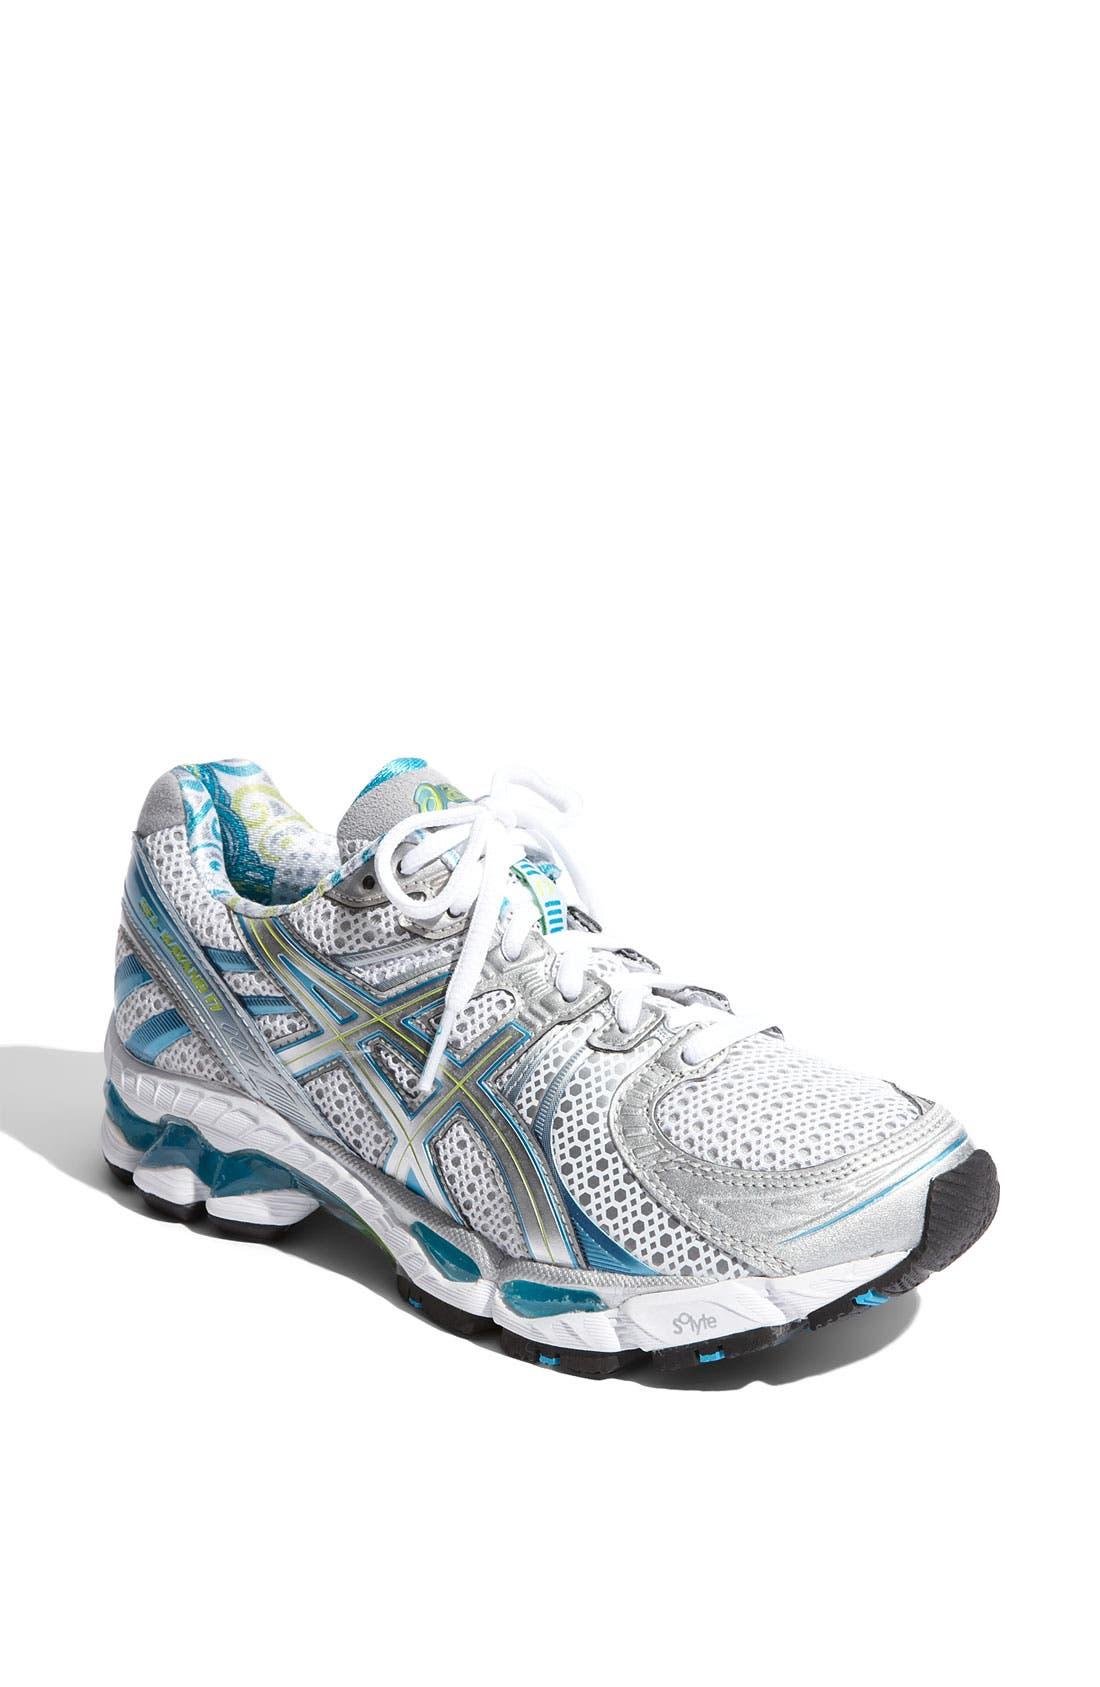 Alternate Image 1 Selected - ASICS® 'GEL Kayano® 17' Running Shoe (Women)